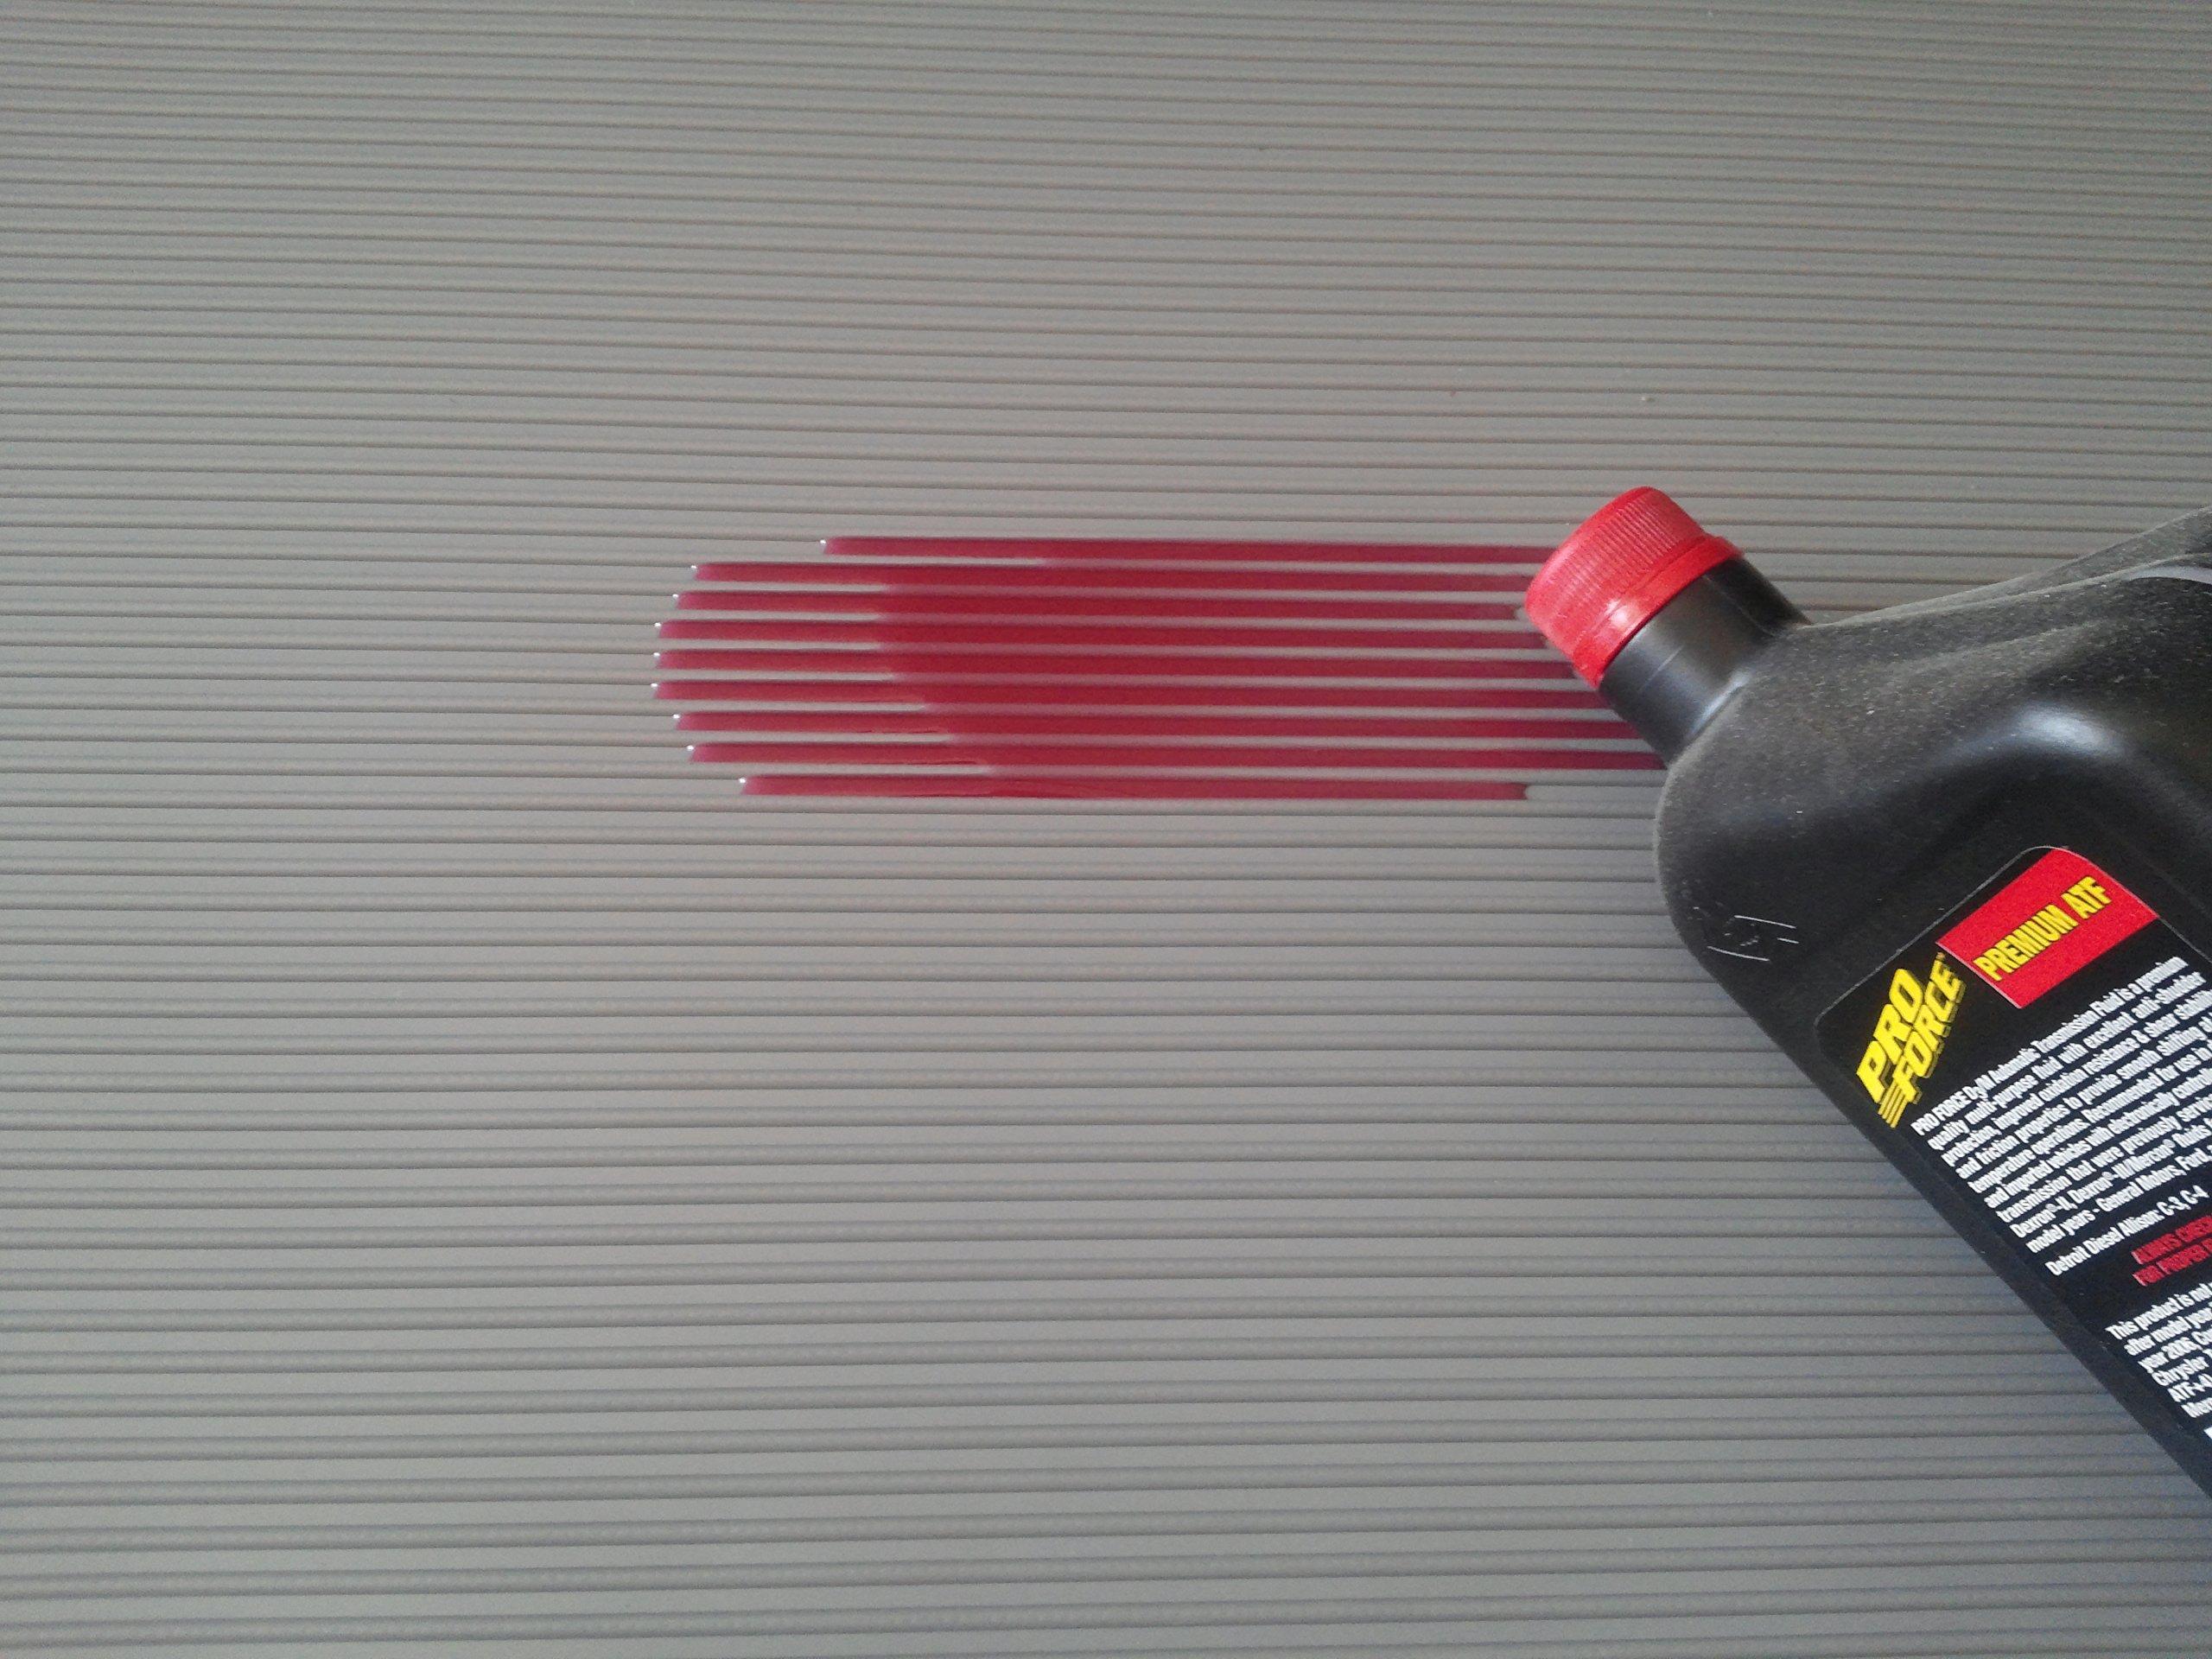 Garage Floor Mat by Weatherfit™ - Rubber Parking/Car Fluid Drip & Spill Mat 8' x 4' x 1/8'' Thick with liquid catch Ridges